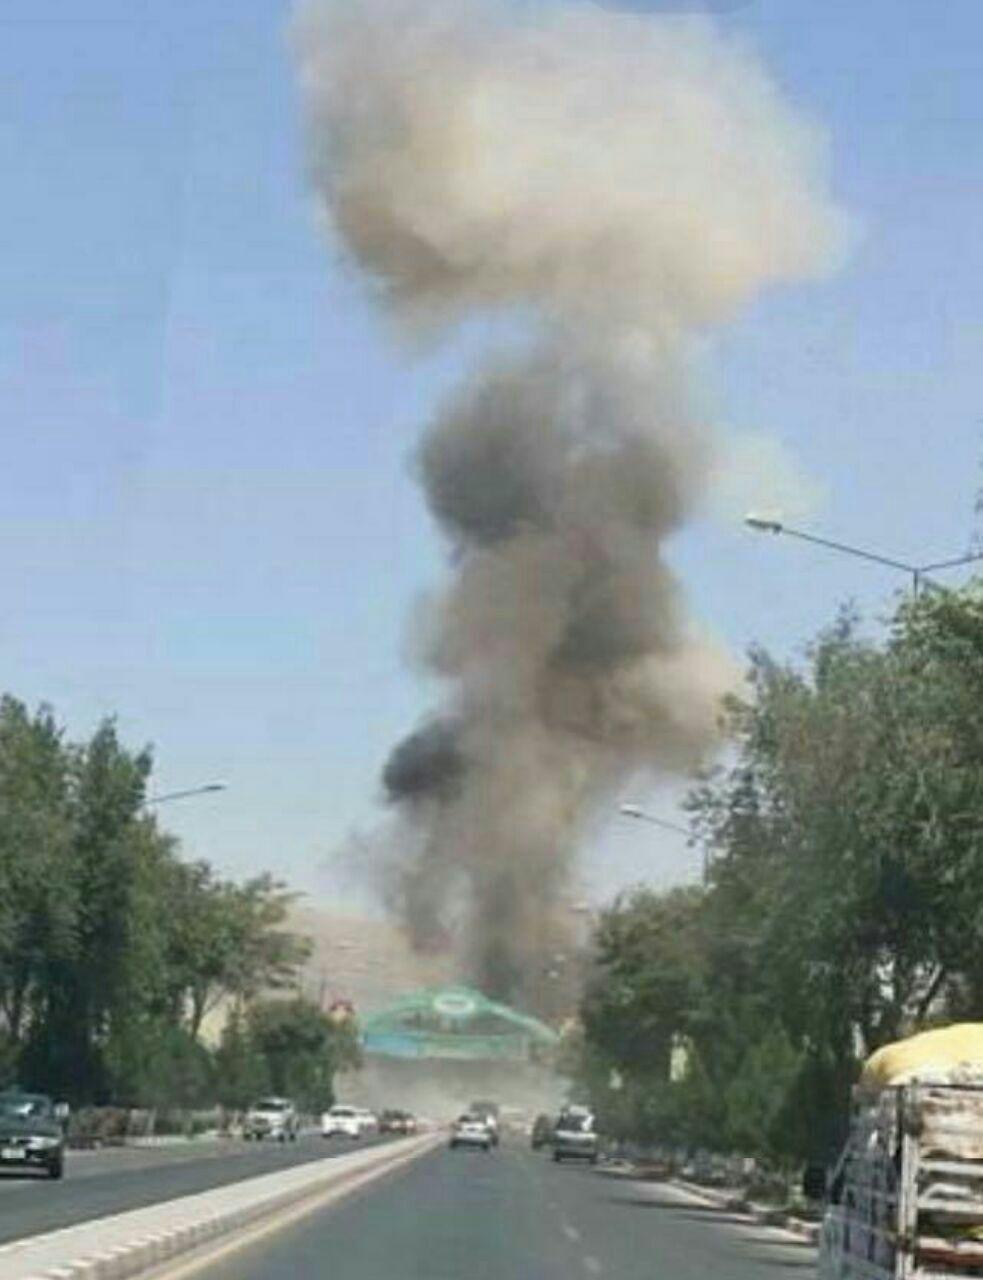 انفجار بمب در کنار جاده در افغانستان با 7 کشته و 3 زخمی (عکس)